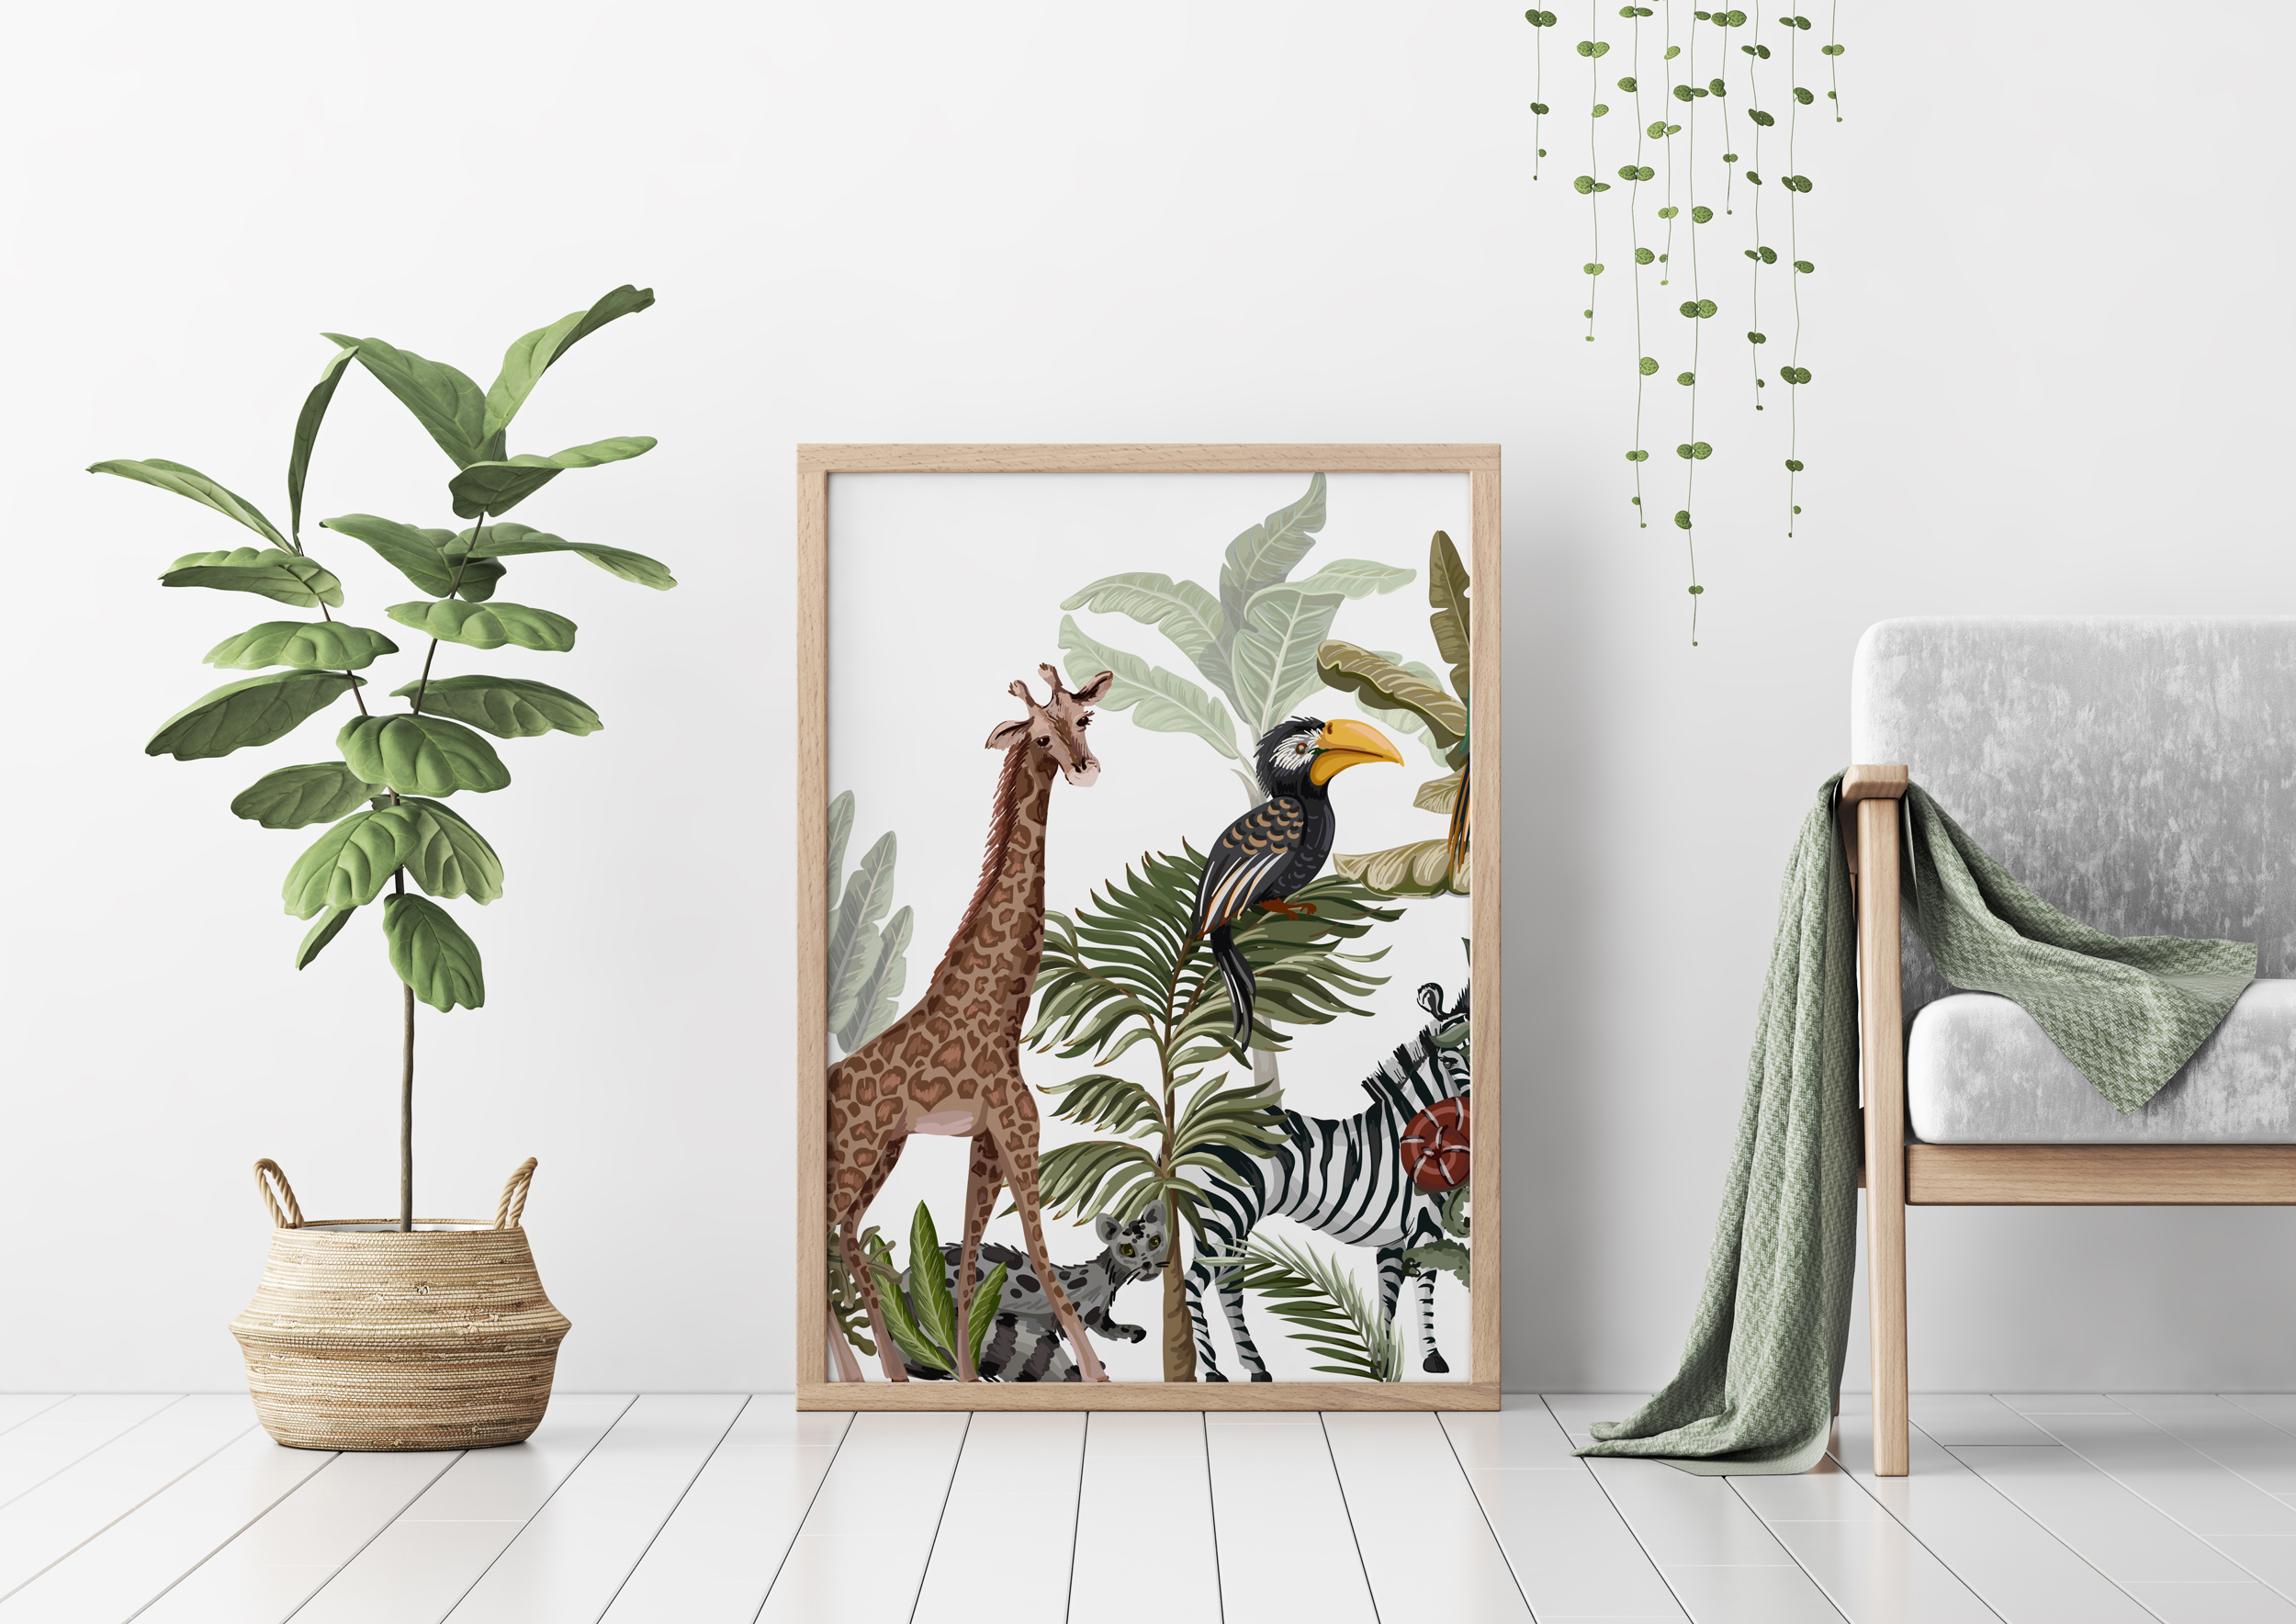 Plakat - Żyrafa wśród palm - fototapeta.shop